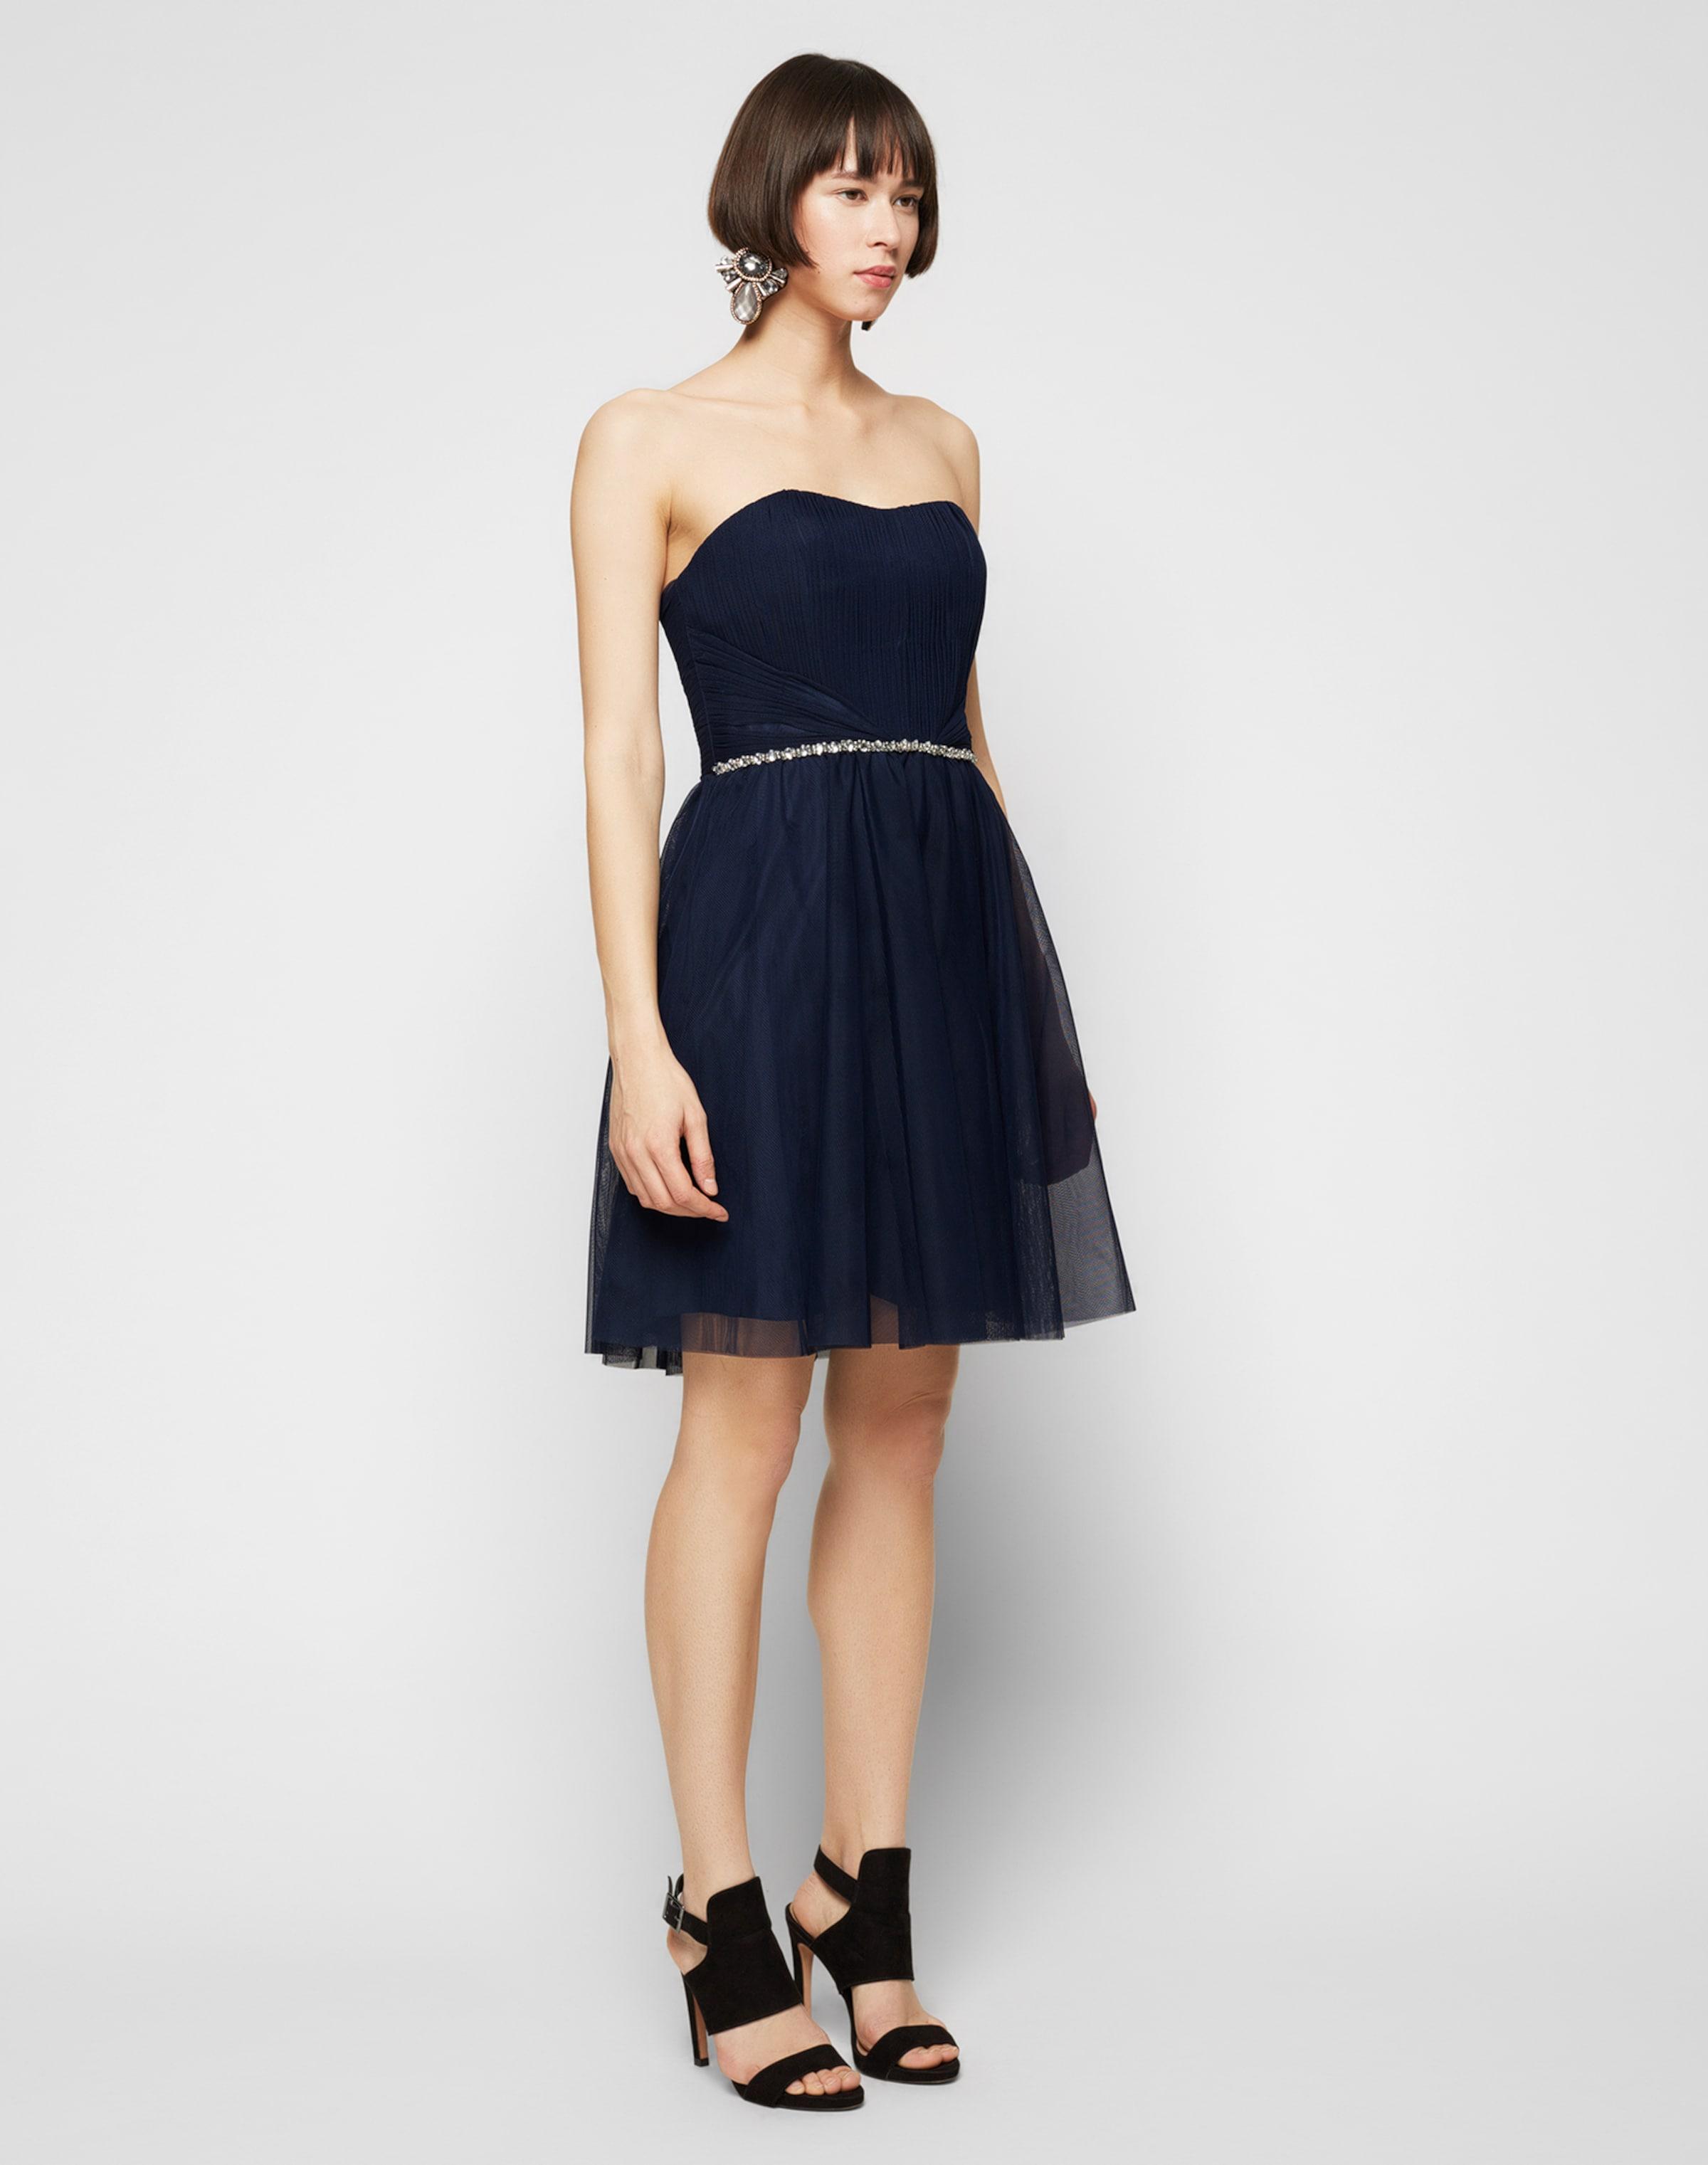 Billig Besten Erscheinungsdaten Günstig Online Laona Cocktail Kleid Htsdd1tn